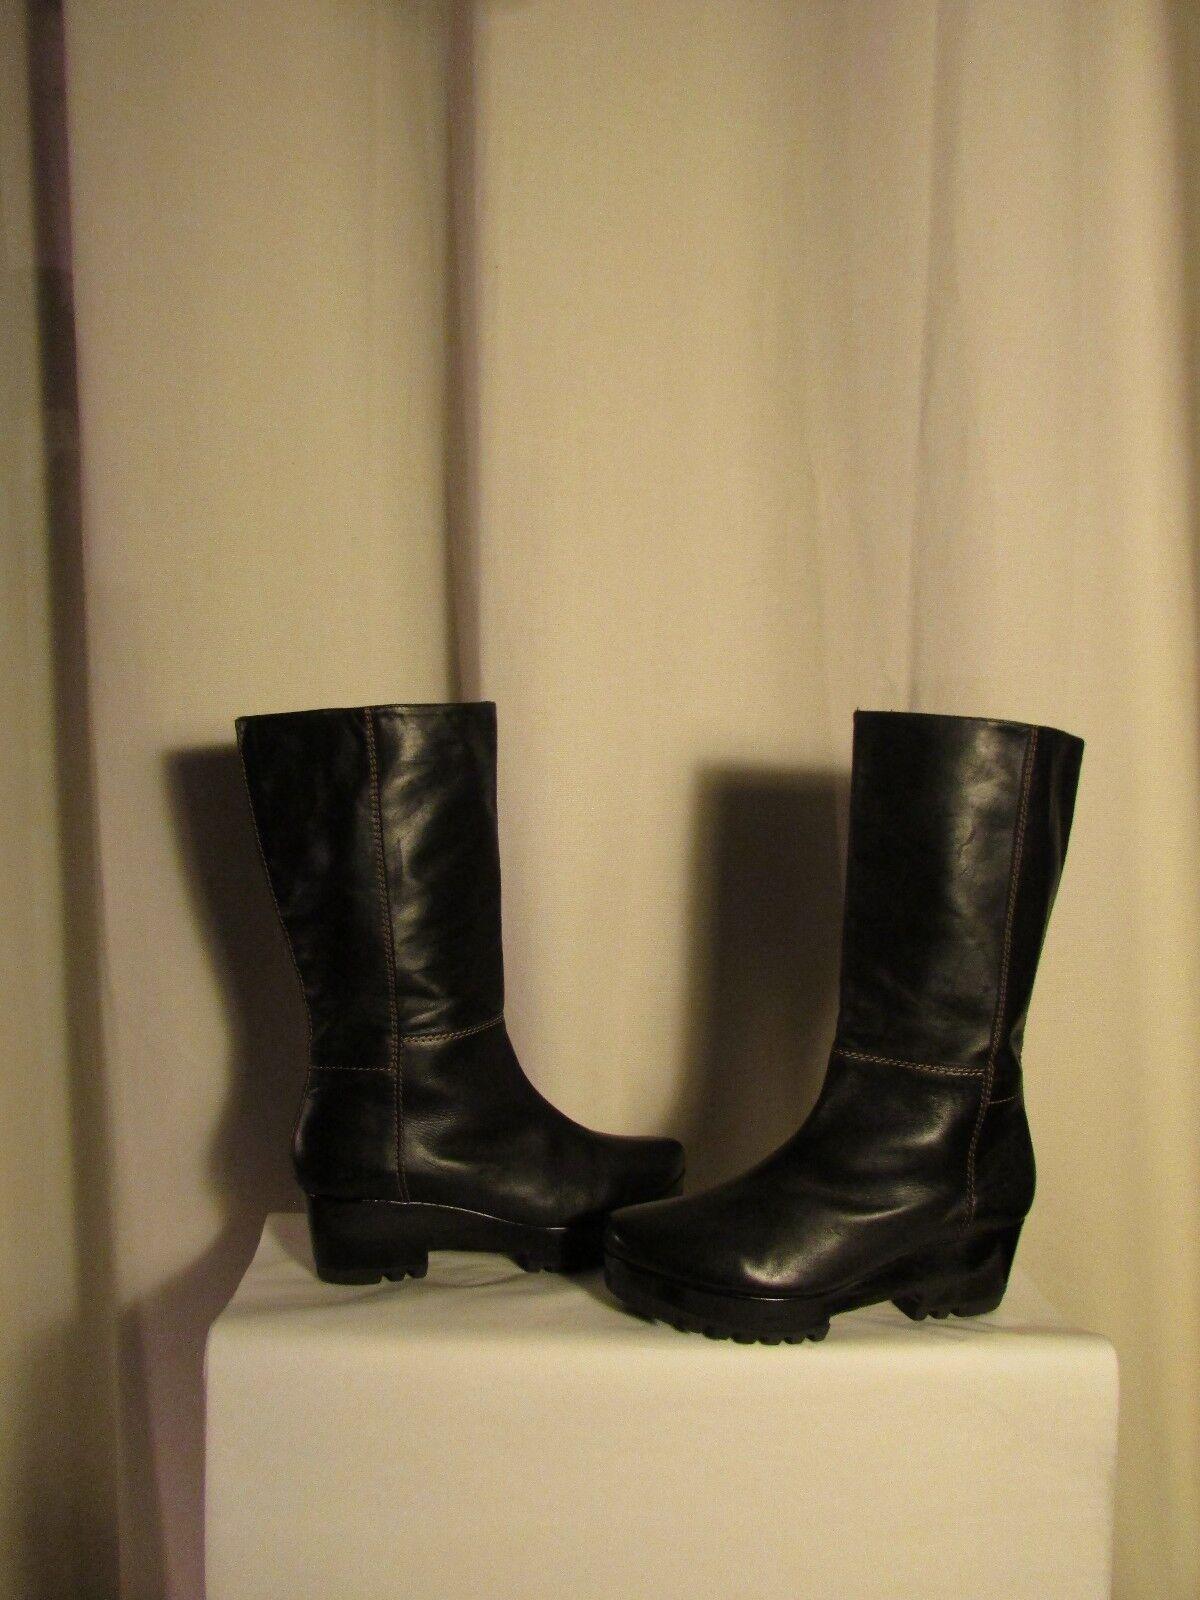 Stiefel Keil ROBERT CLERGERIE schwarzes Leder Größe 7